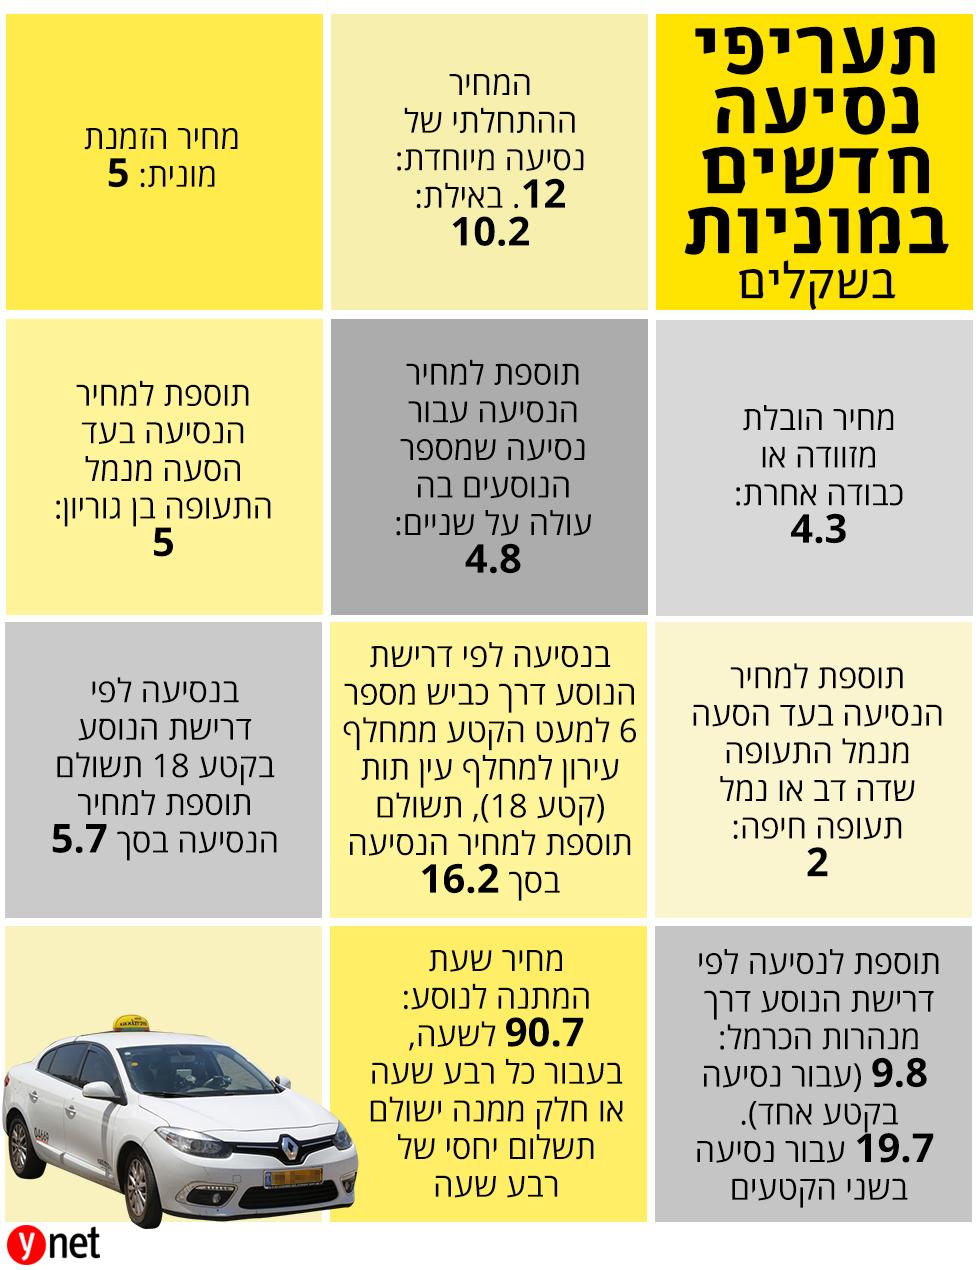 מחירי נסיעה במונית ()